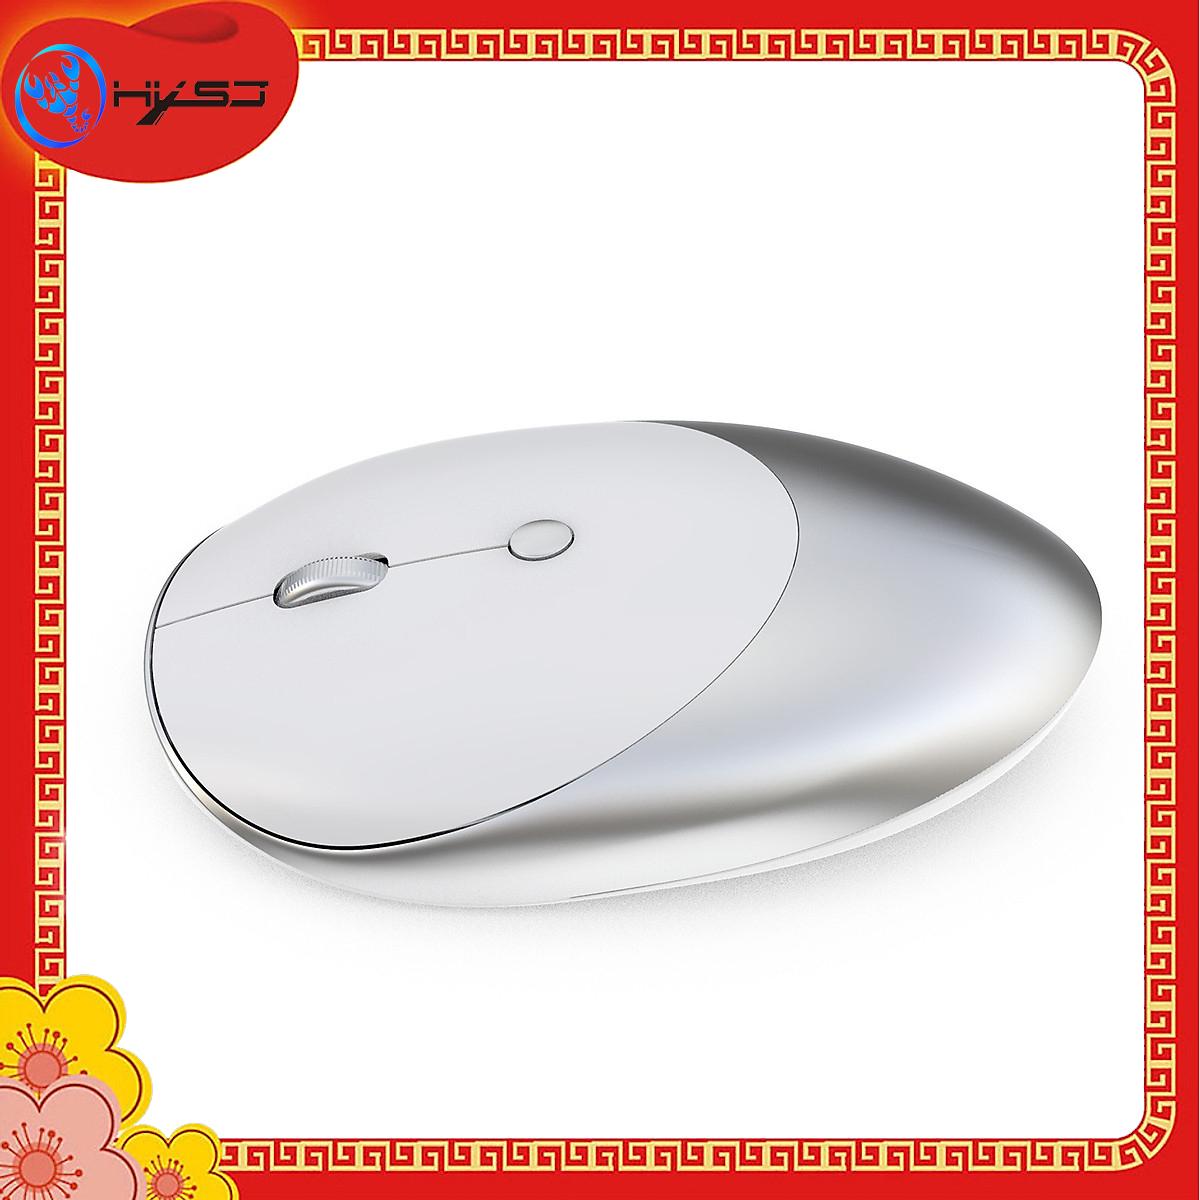 Chuột Bluetooth HXSJ T36 Ba Chế Độ Bluetooth 3.0 + 5.0 + 2.4G Chuột Không Dây Thiết Kế Không Gây Ồn 1600 DPI Quang Có Thể Sạc Lại Chuột Cho PC Máy Tính Xách Tay - Hàng chính hãng